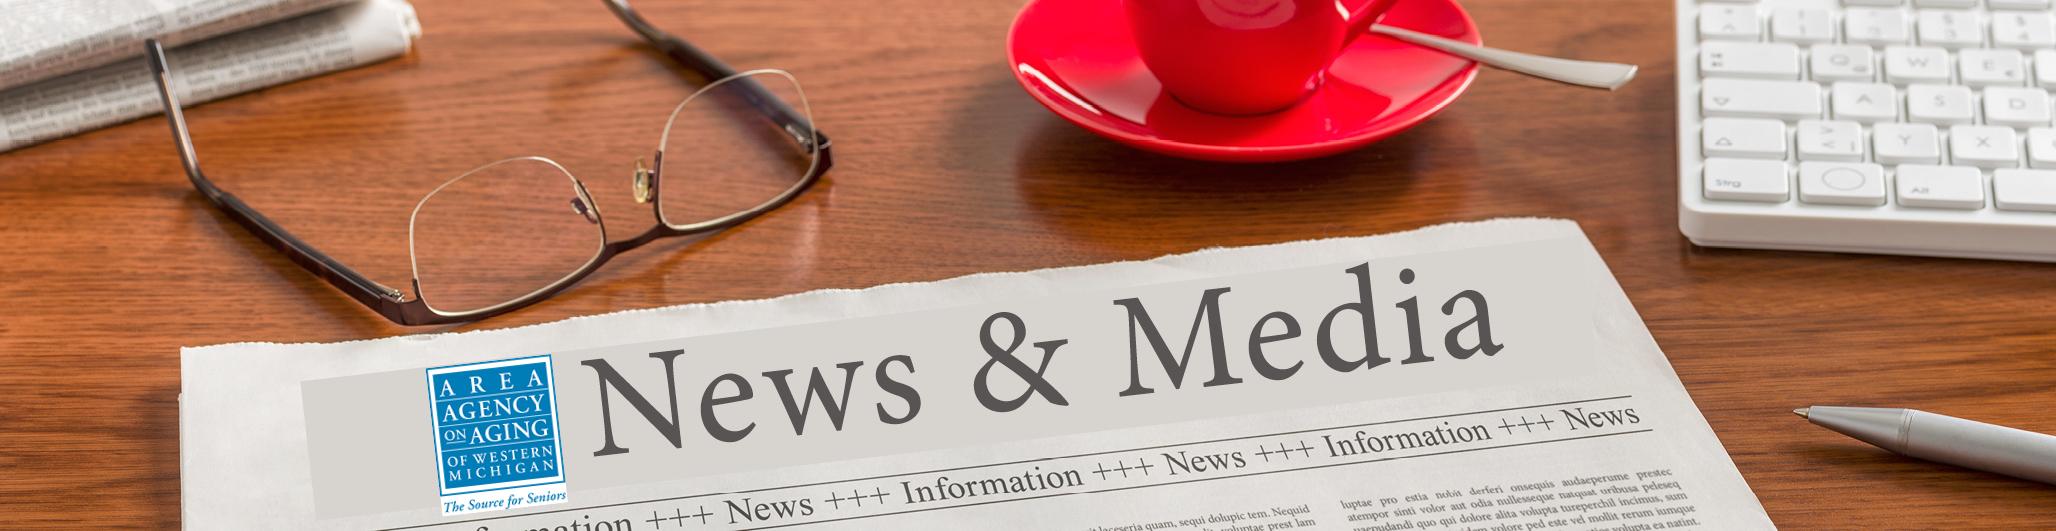 news-media-slide.jpg